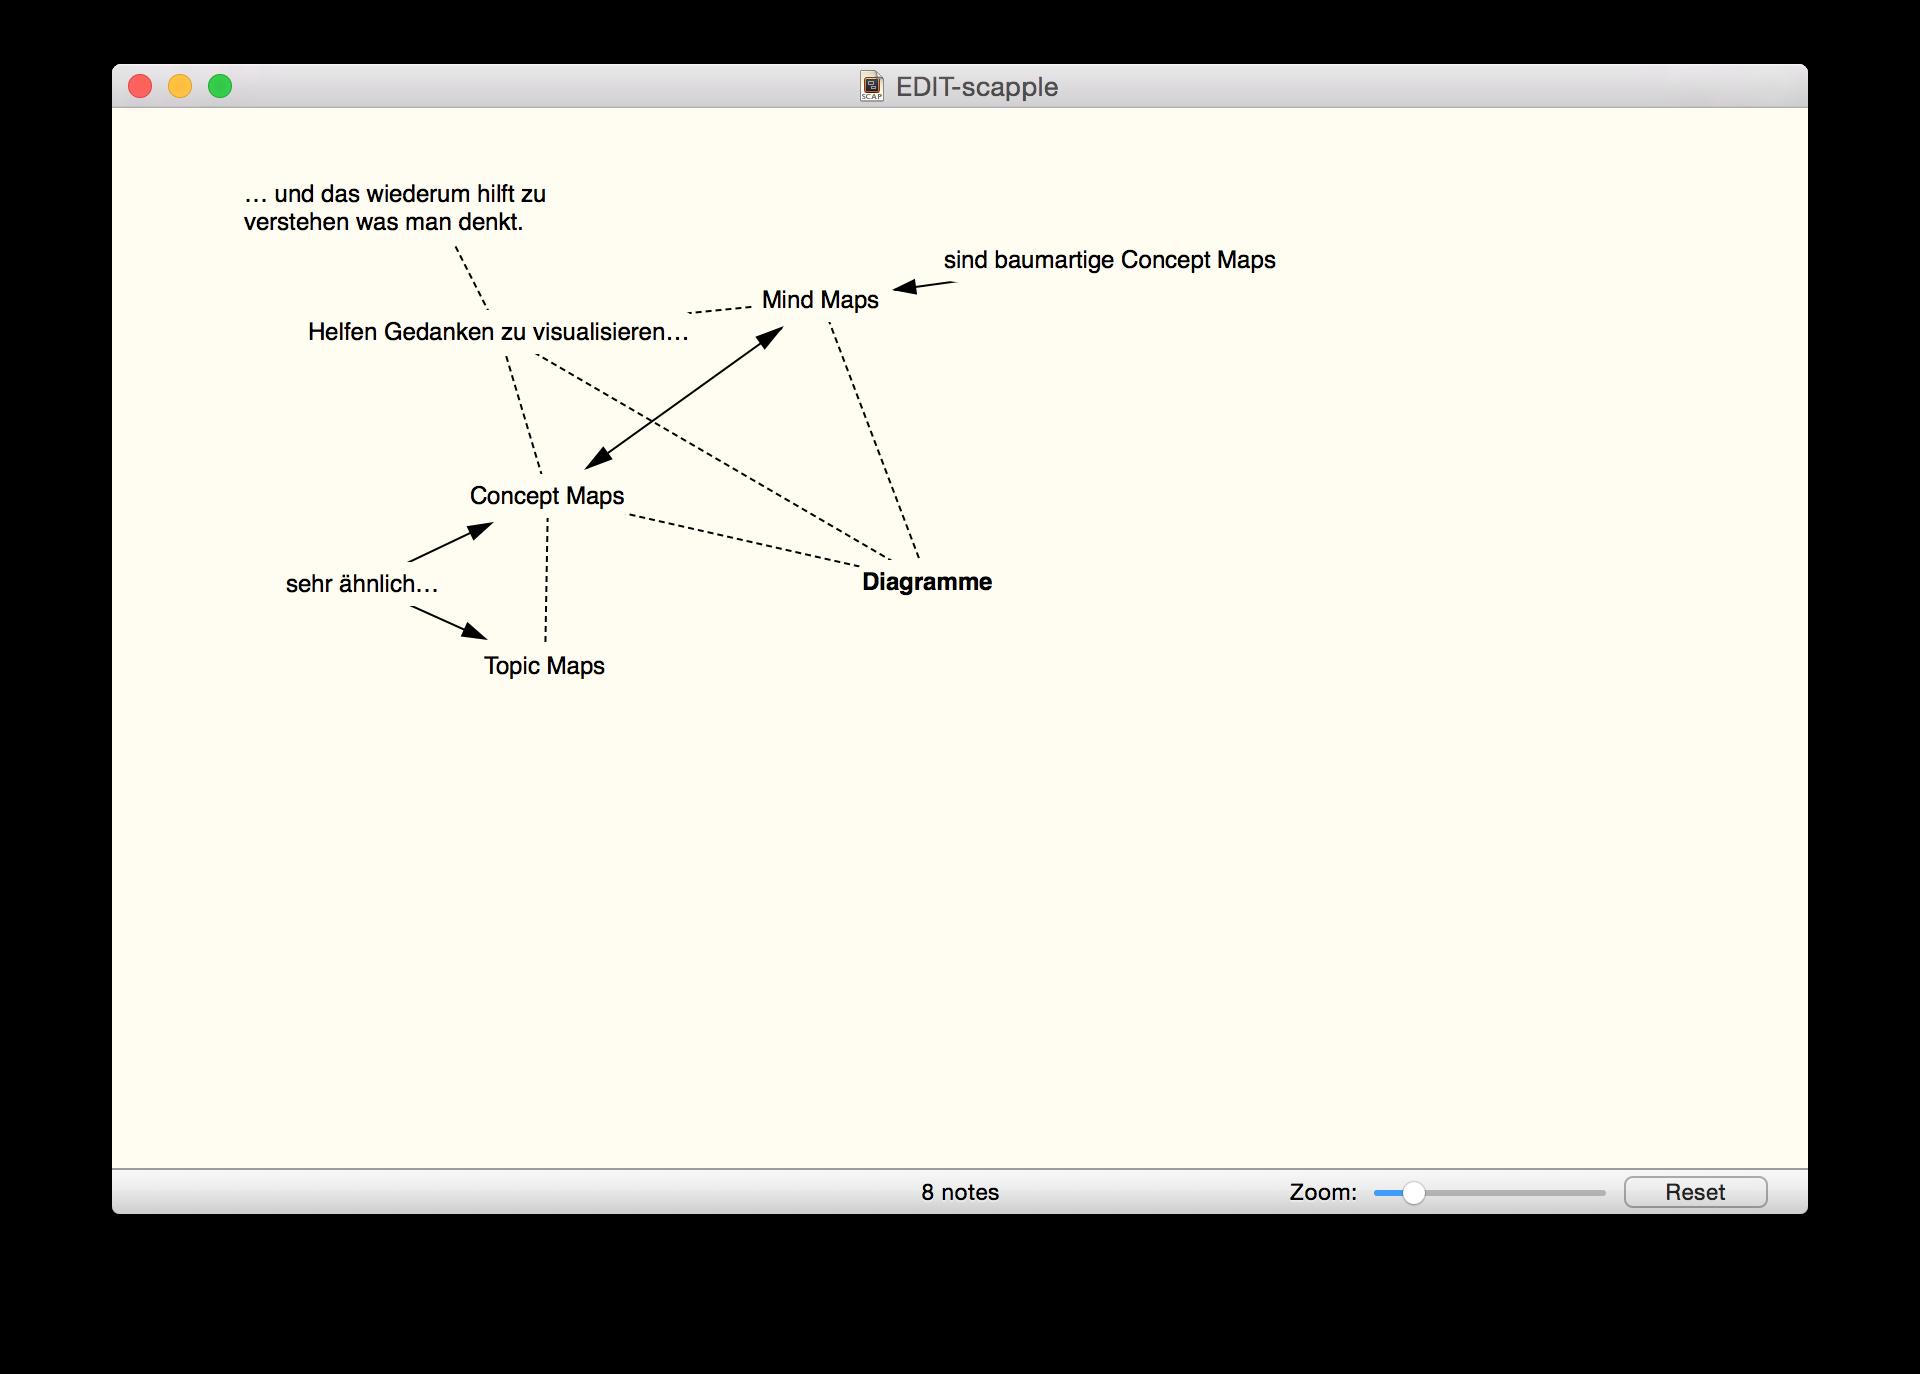 Scapple für Concept Maps auf dem Mac